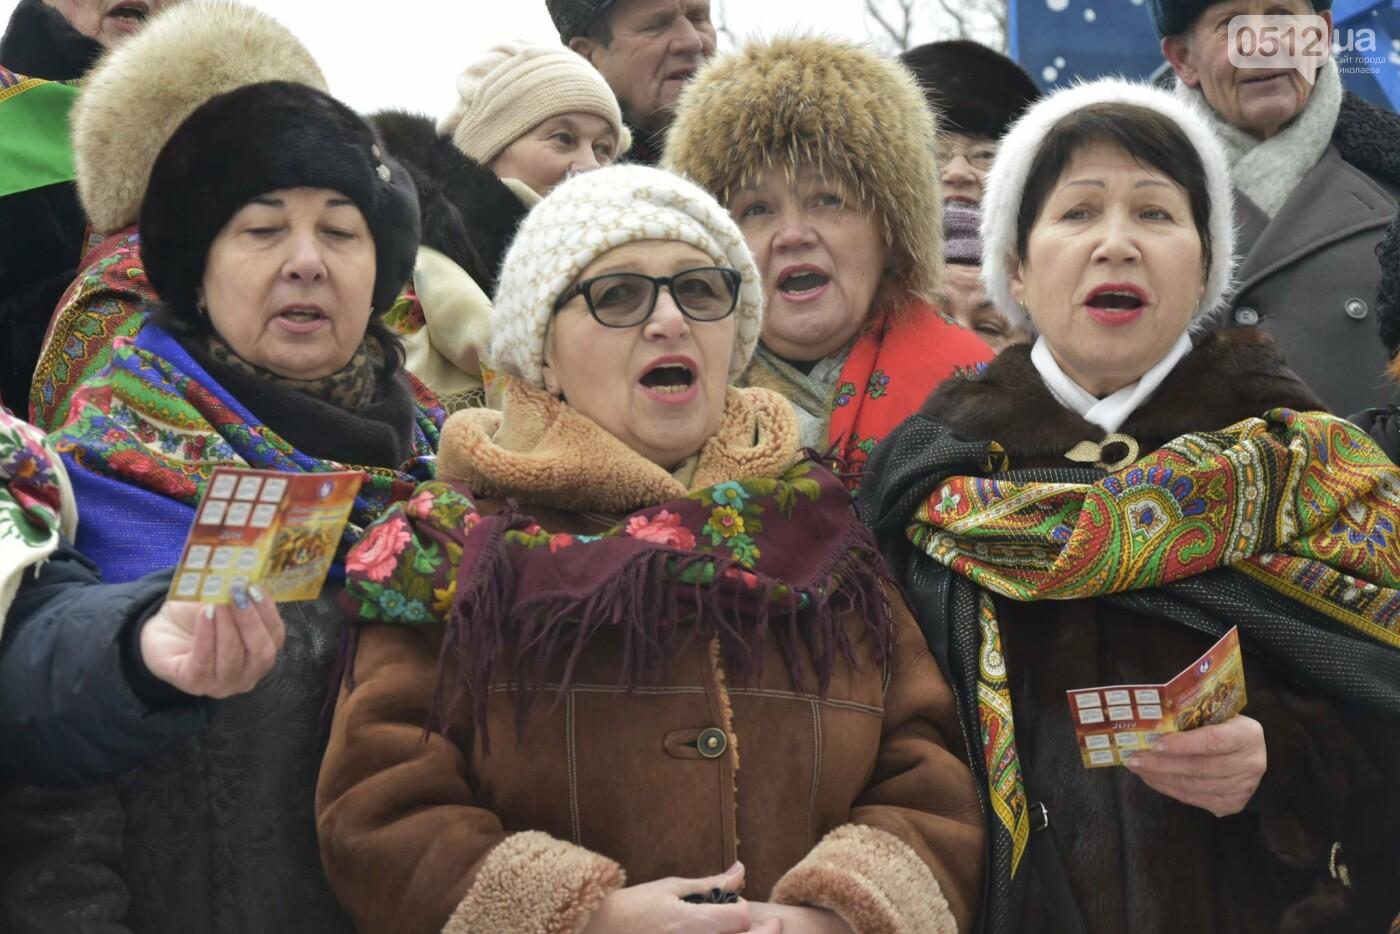 """Николаевцы со всей Украиной одновременно пели колядку """"Нова радість стала"""", - ФОТО, фото-1"""